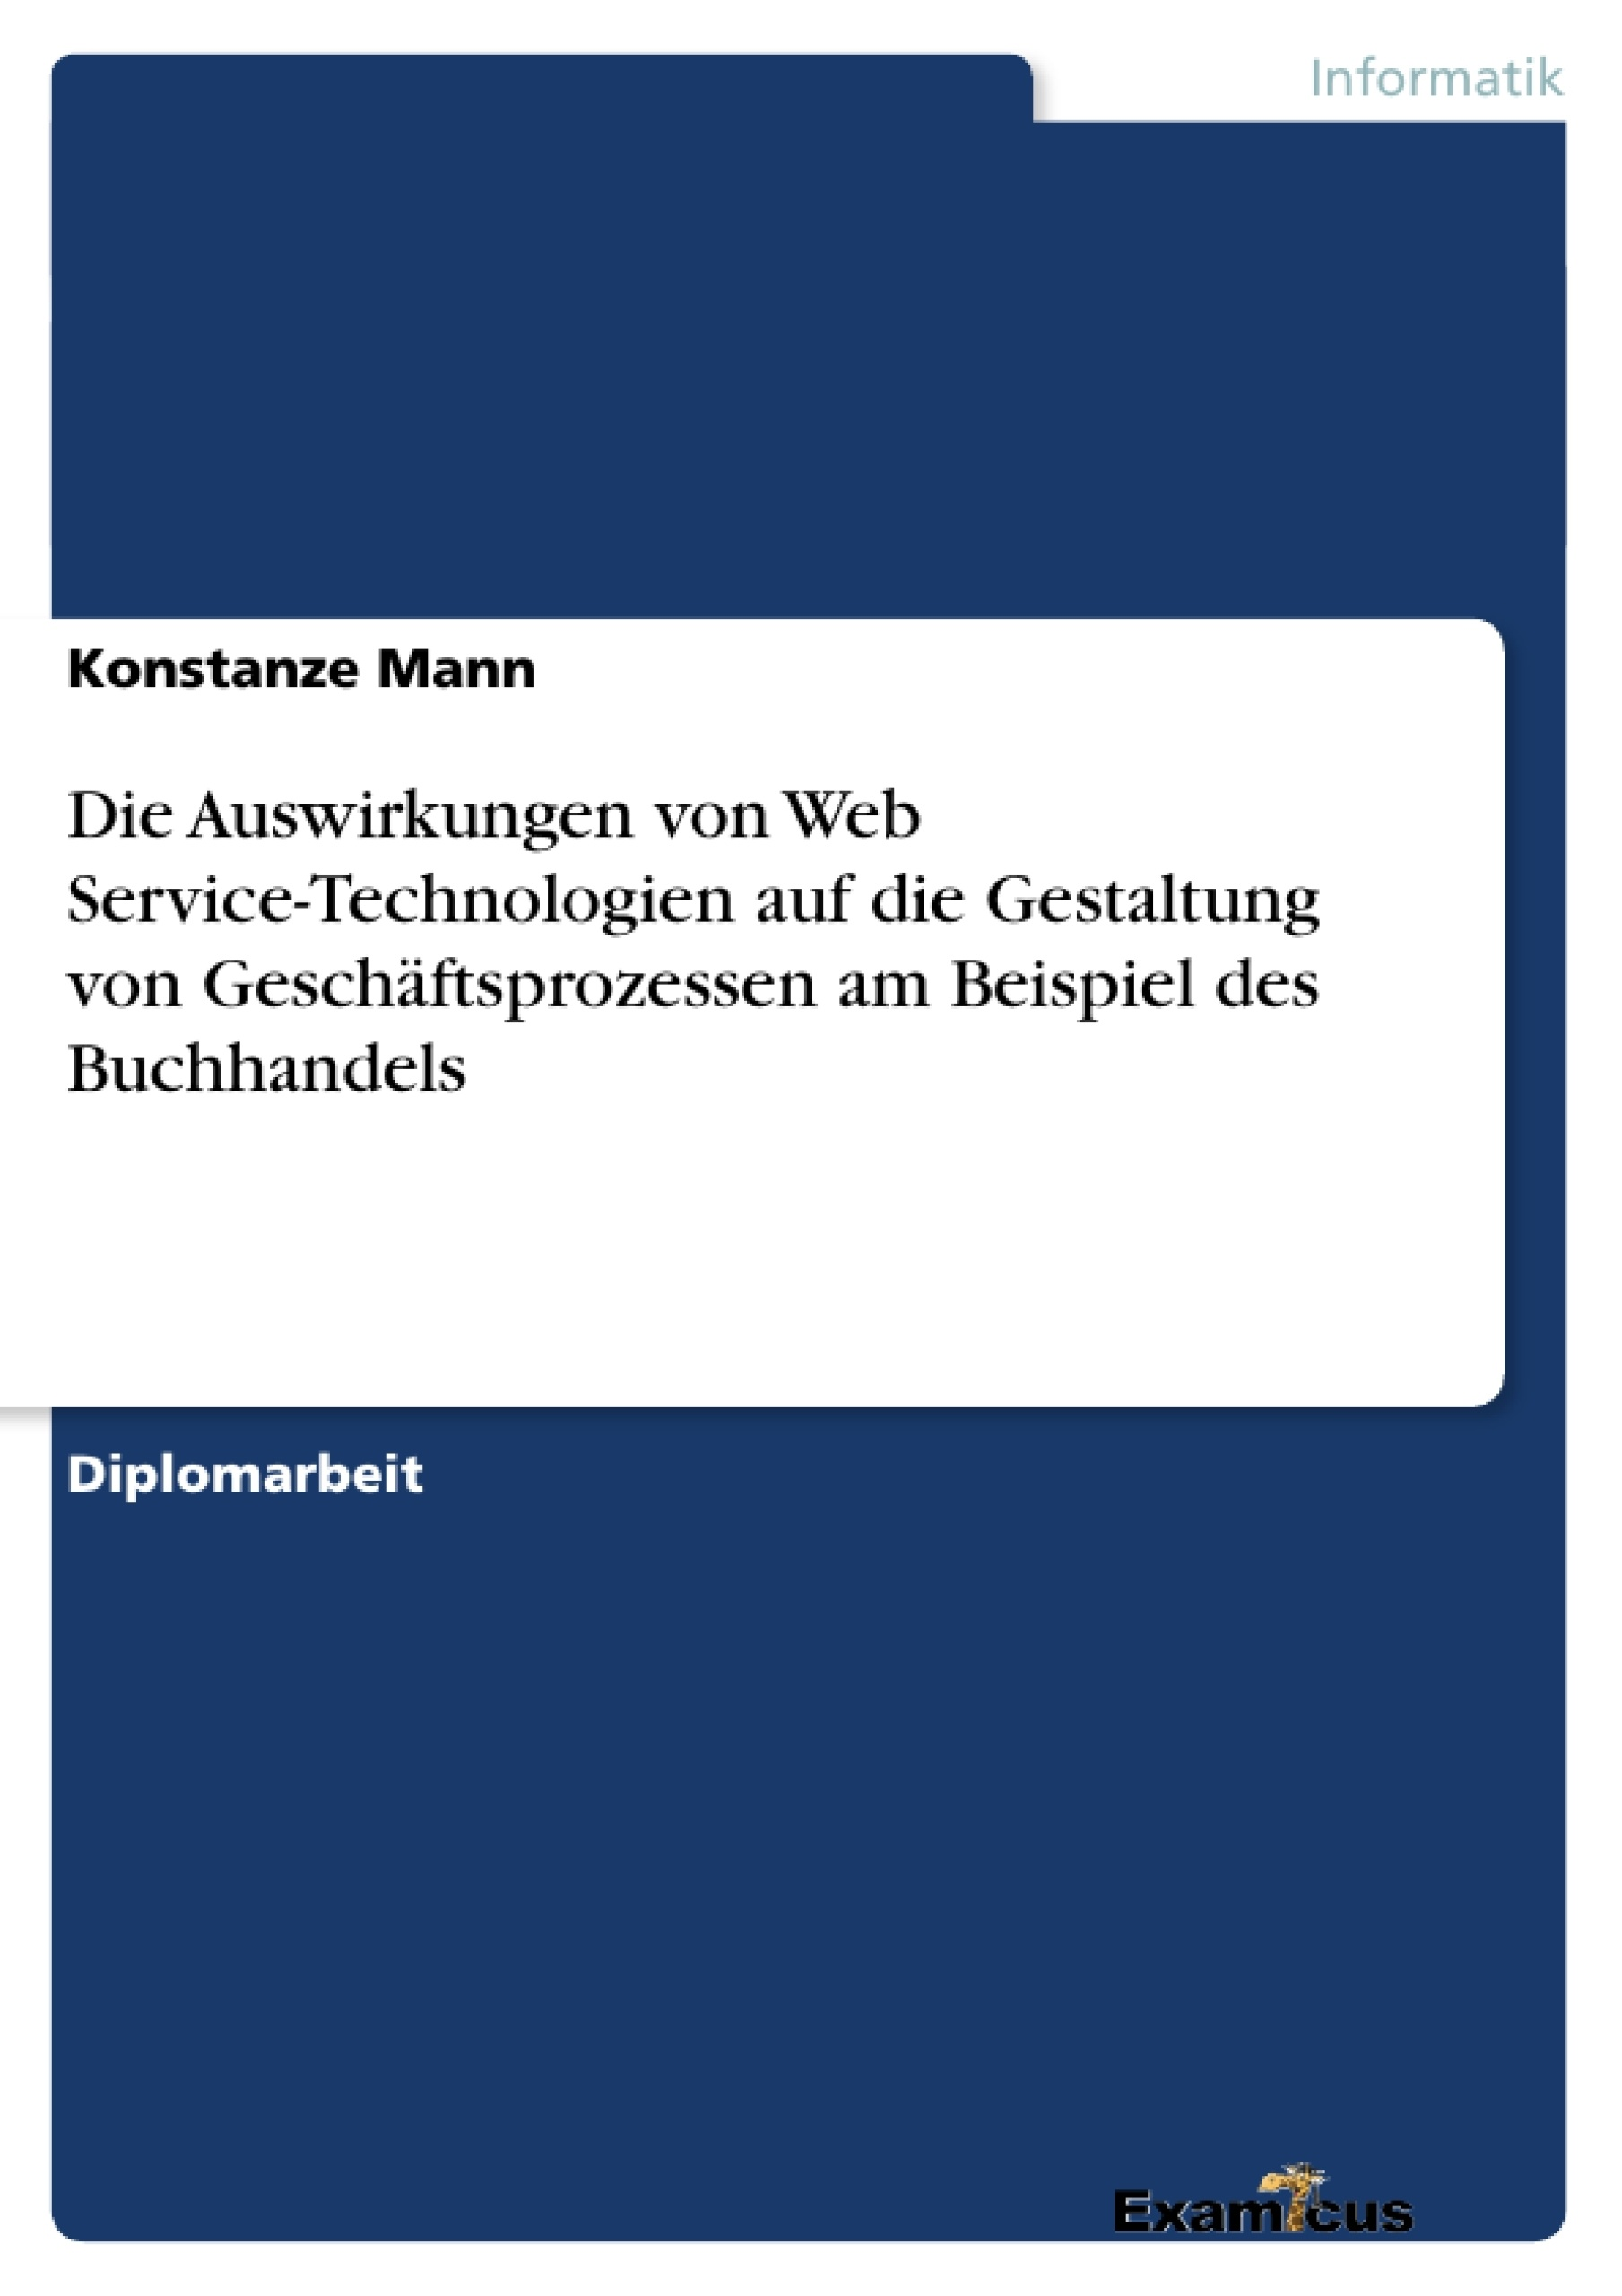 Titel: Die Auswirkungen von Web Service-Technologien auf die Gestaltung von Geschäftsprozessen am Beispiel des Buchhandels